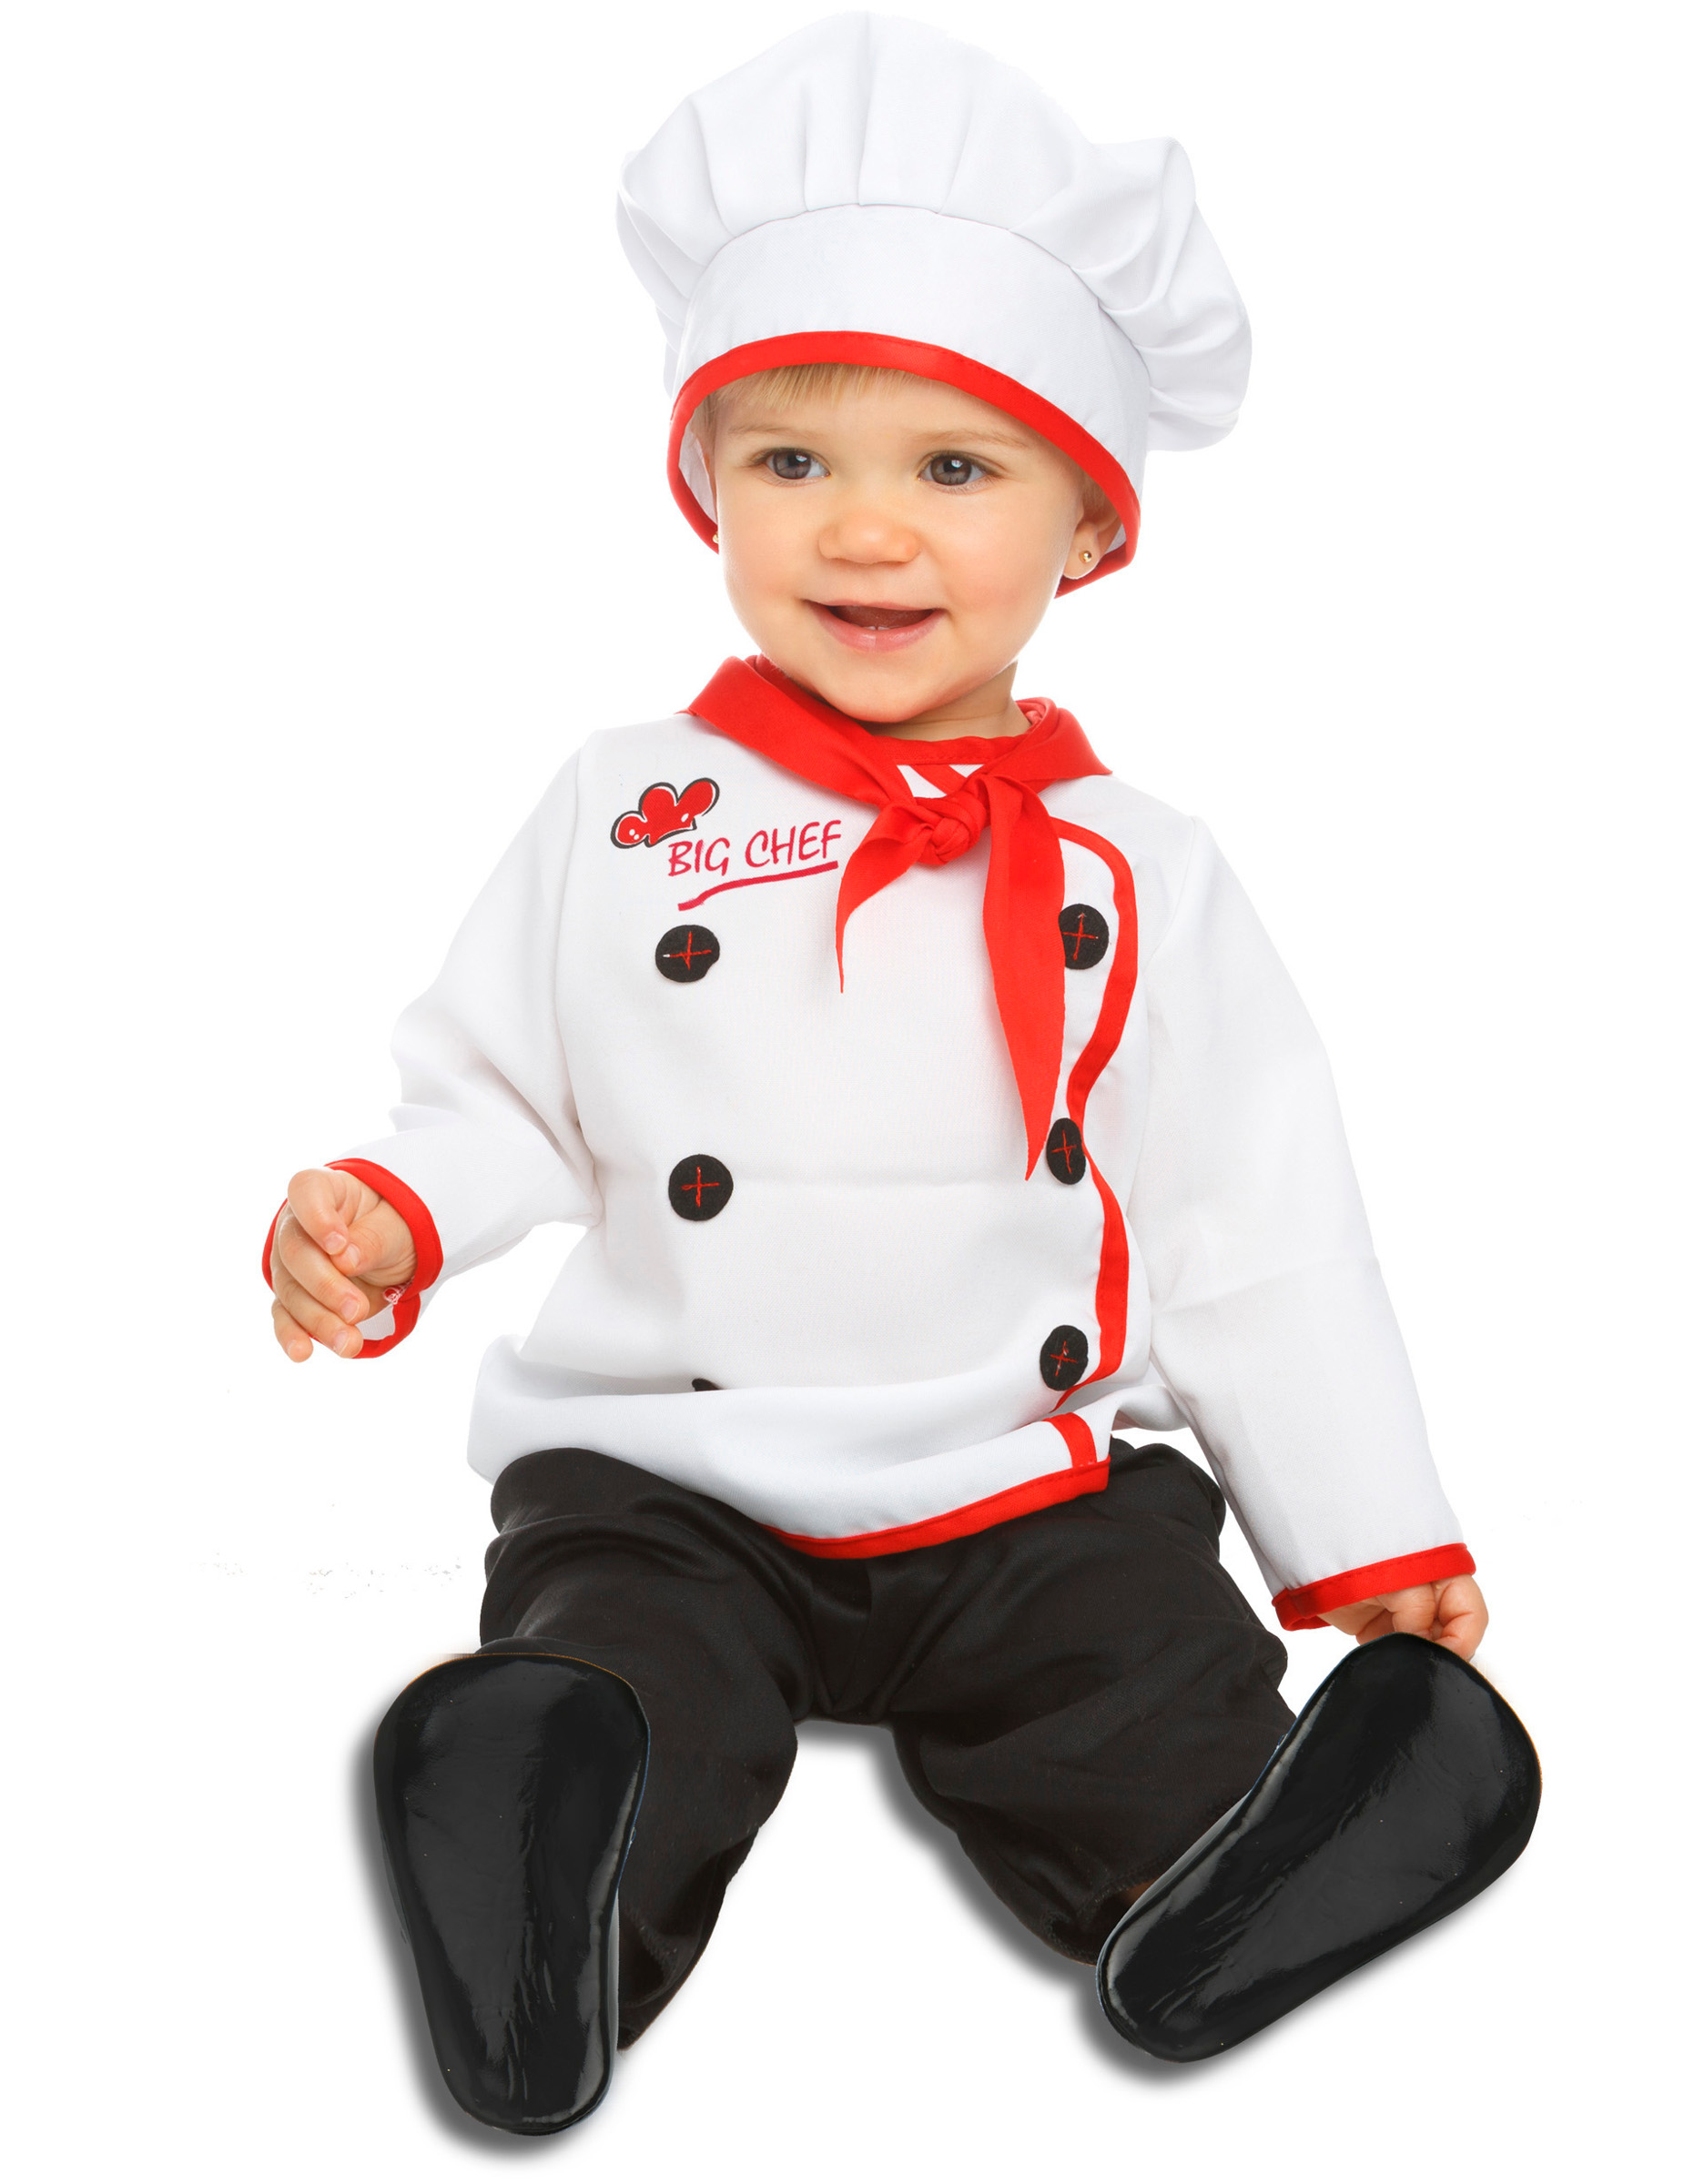 Costume da piccolo cuoco per neonato  Costumi bambini 2c83cfc3da94